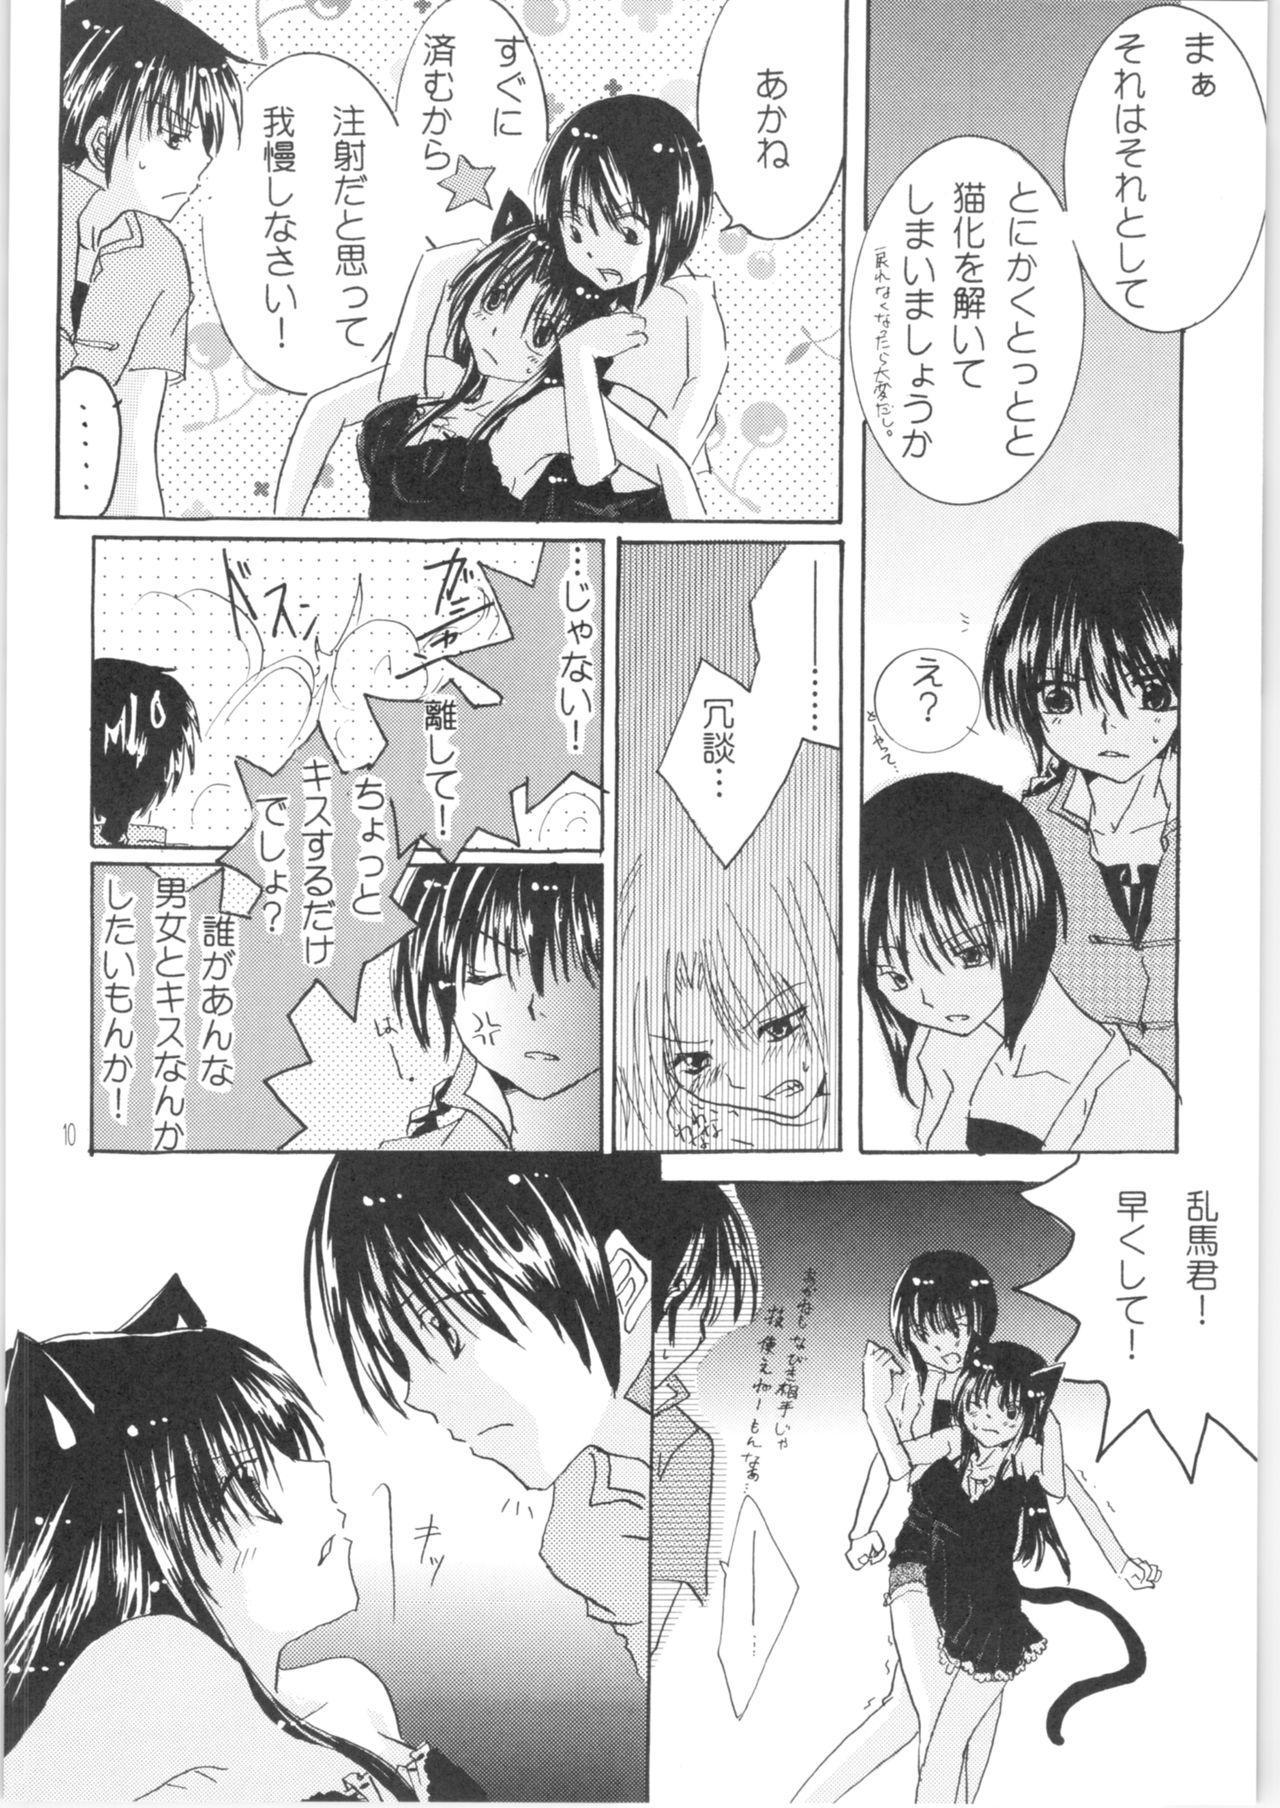 Iinazuke ga Neko ni Narimashite. 8